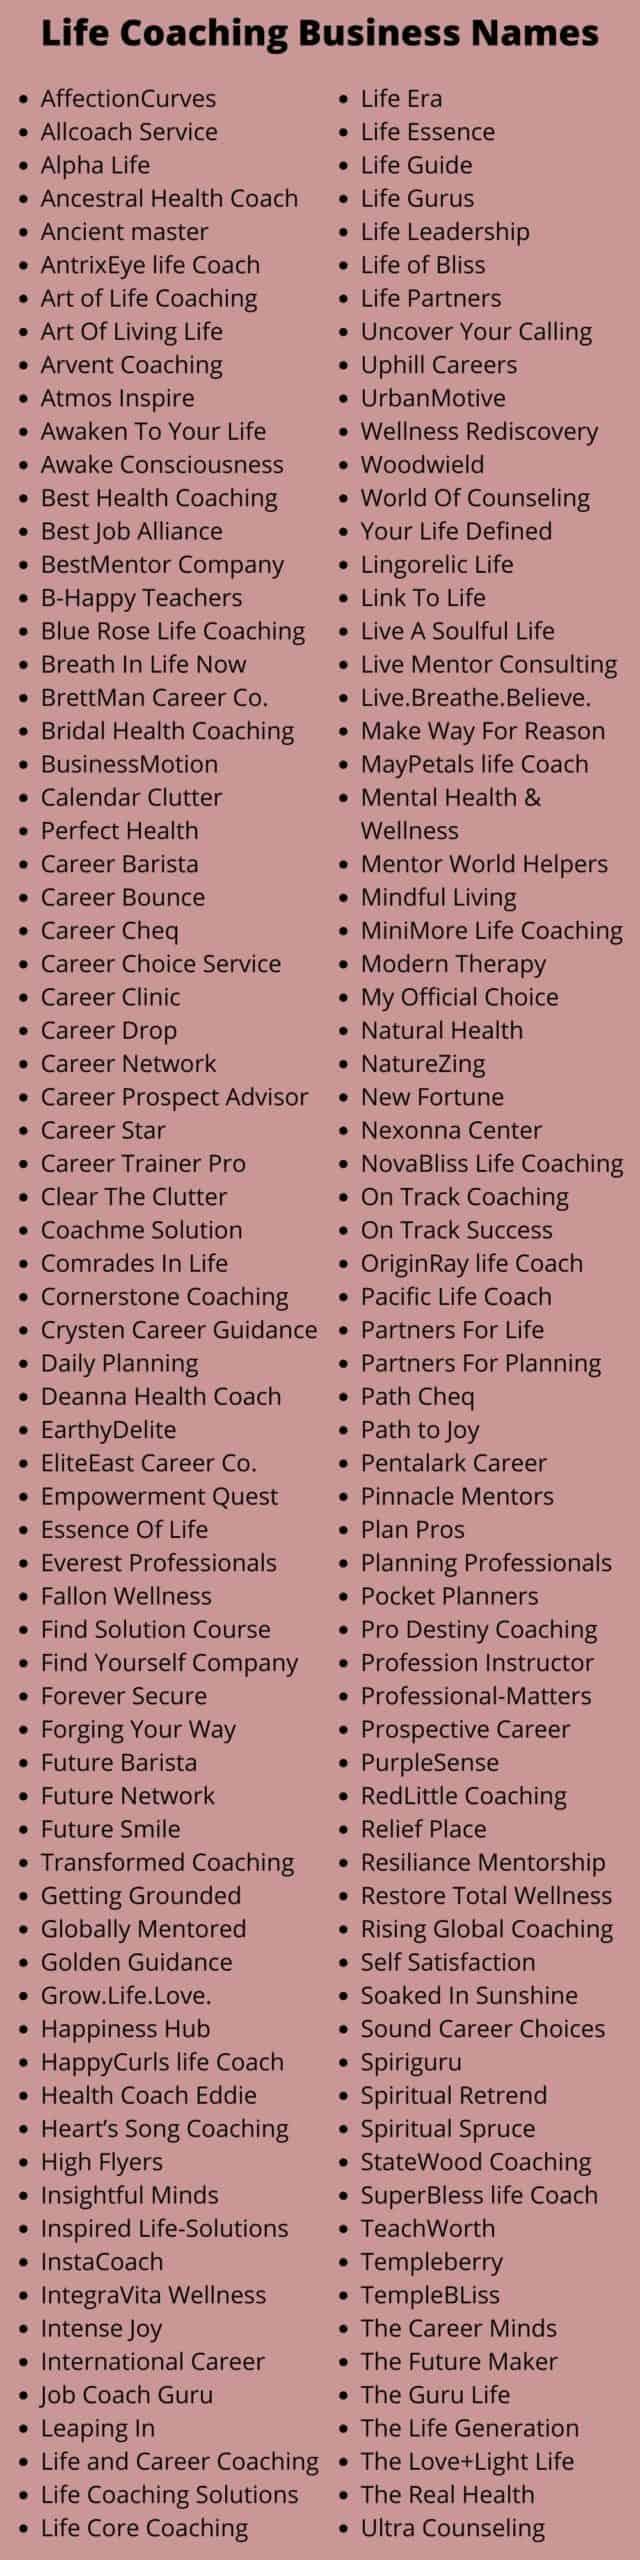 Life Coaching Business Names